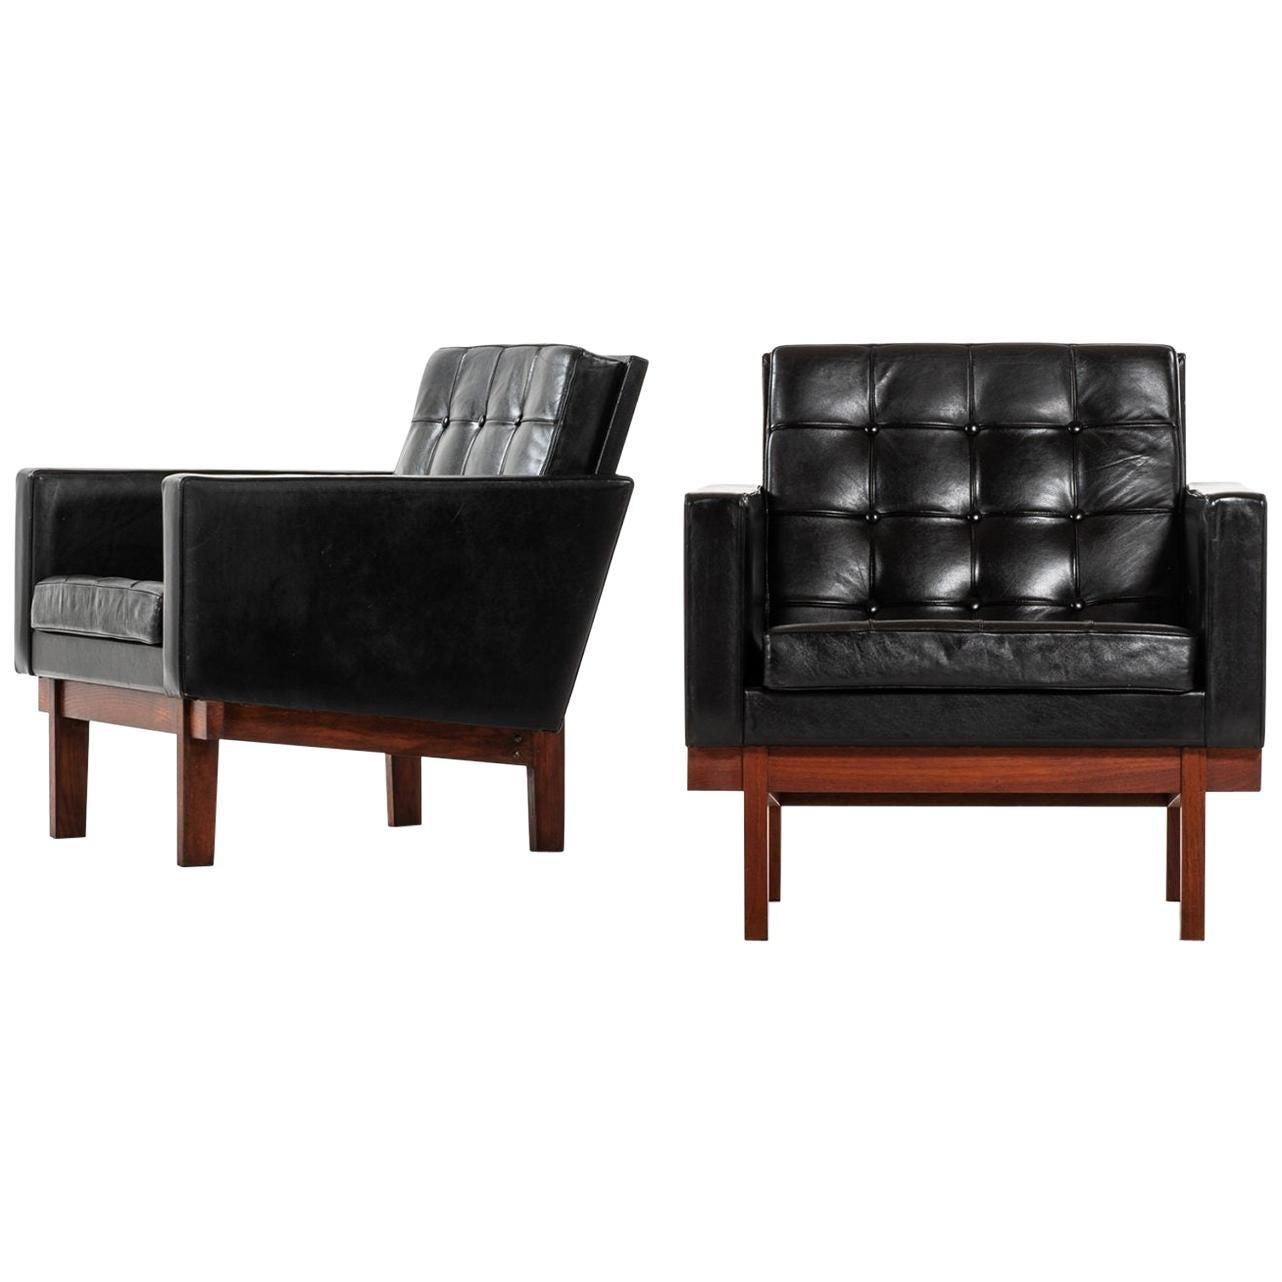 Karl-Erik Ekselius Easy Chairs Produced by JOC in Sweden